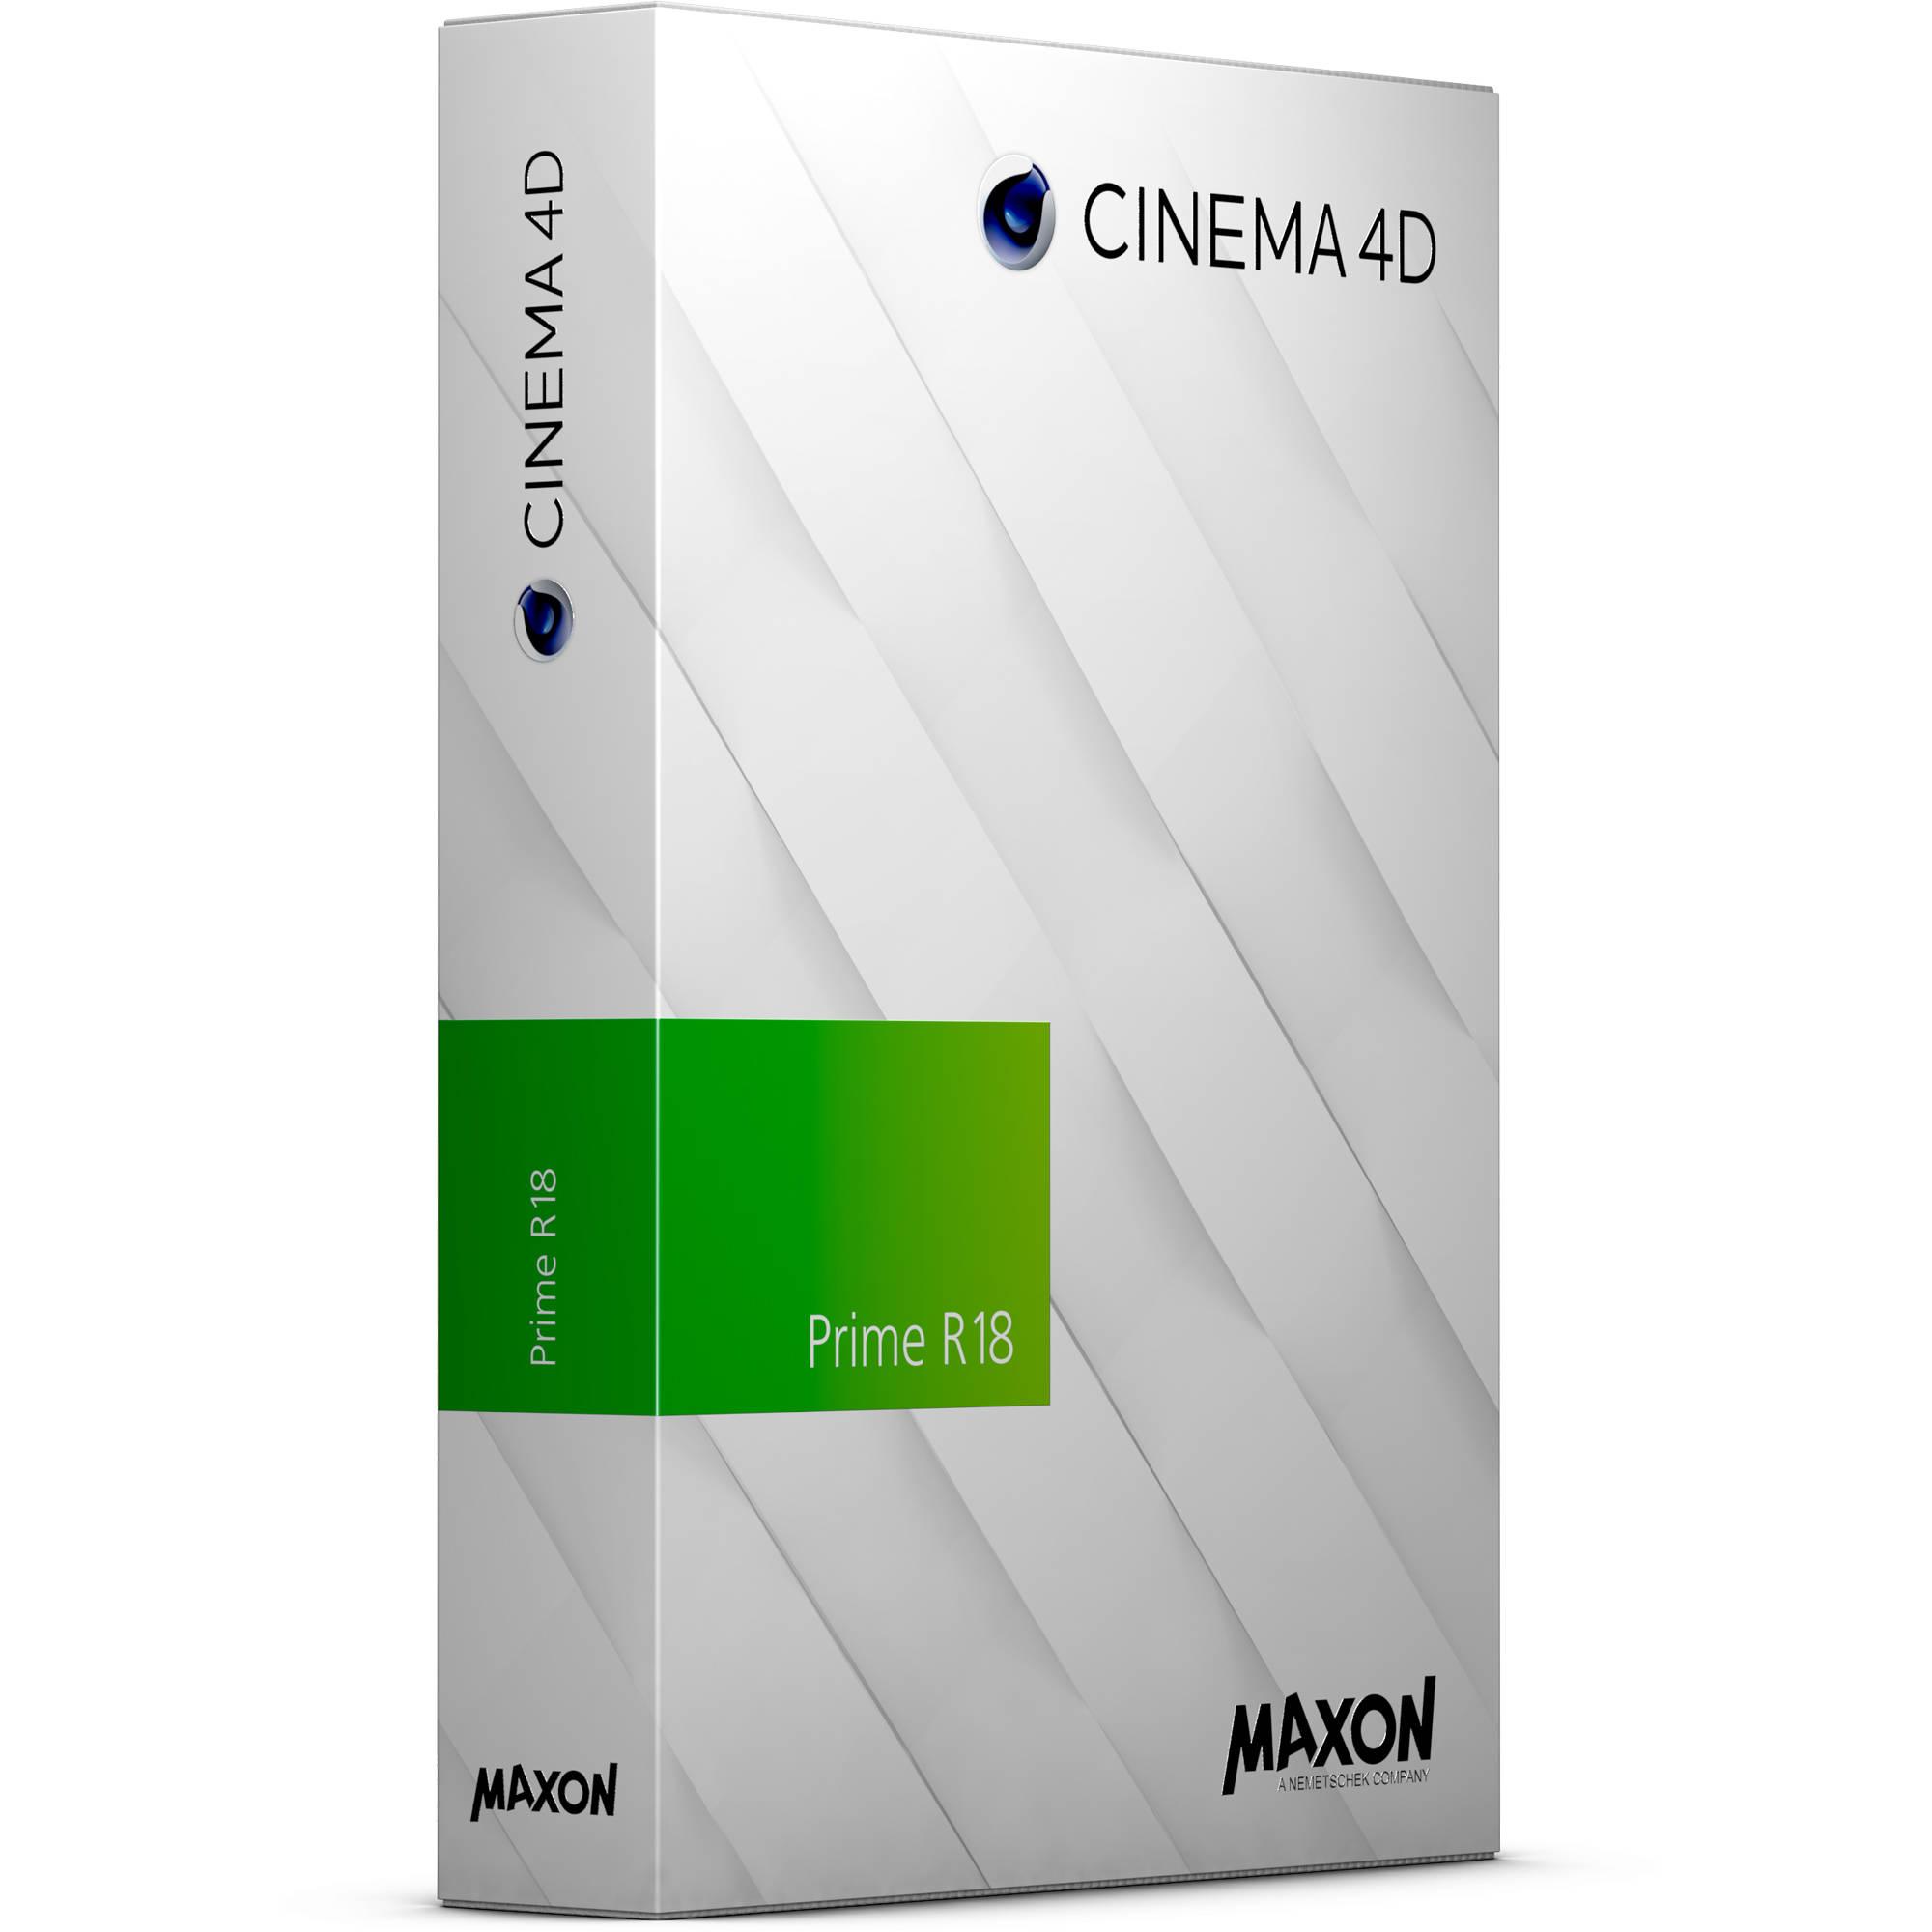 maxon cinema 4d prime r18 download c4d n 18 b h photo video. Black Bedroom Furniture Sets. Home Design Ideas